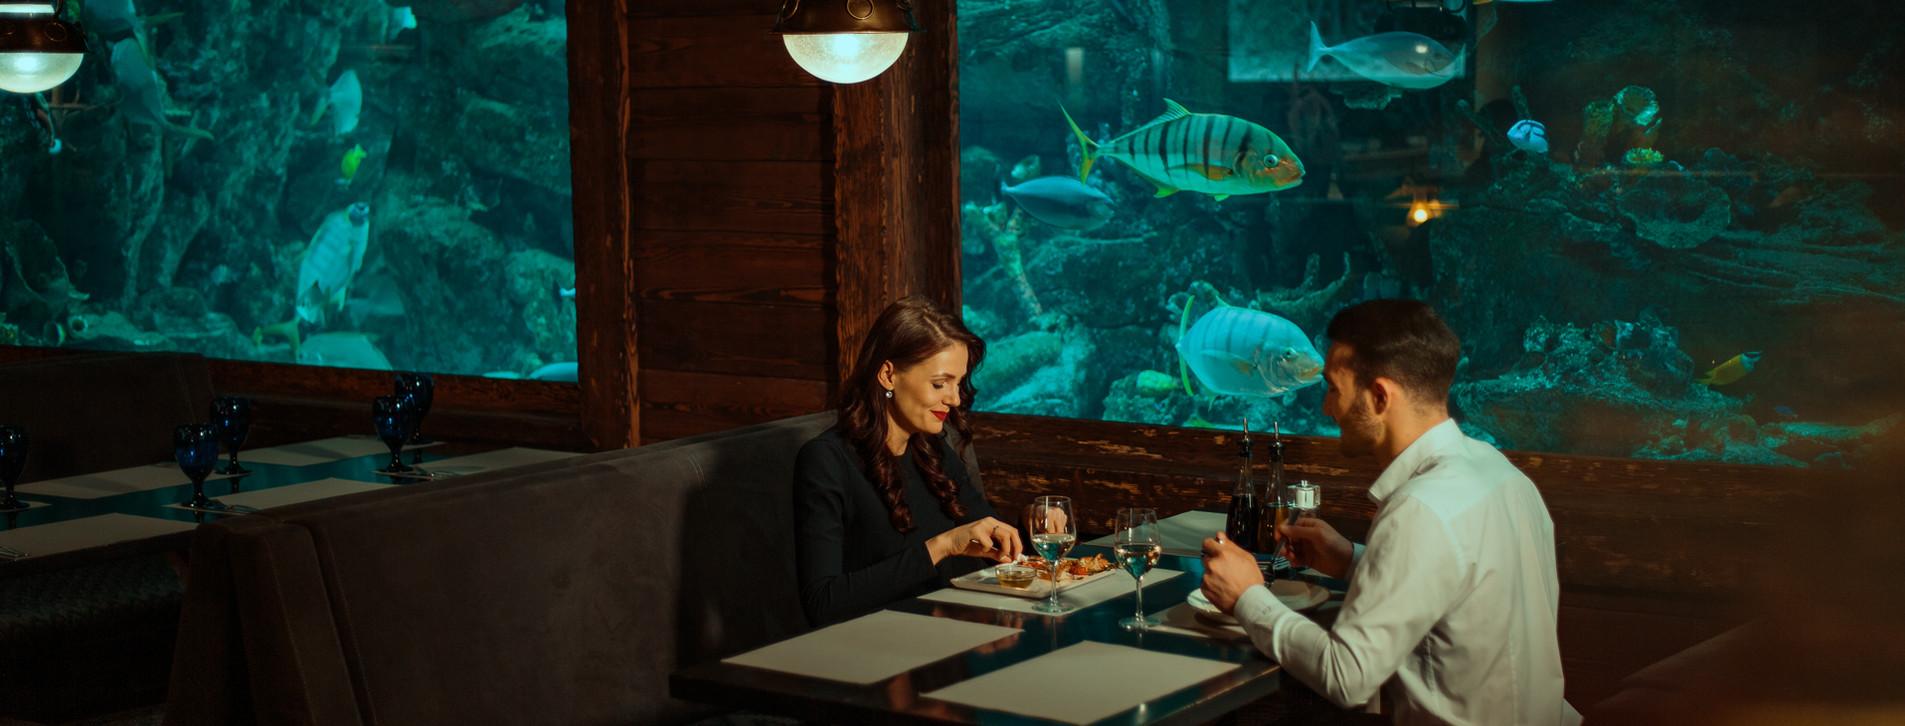 Фото - Ужин в рыбном ресторане